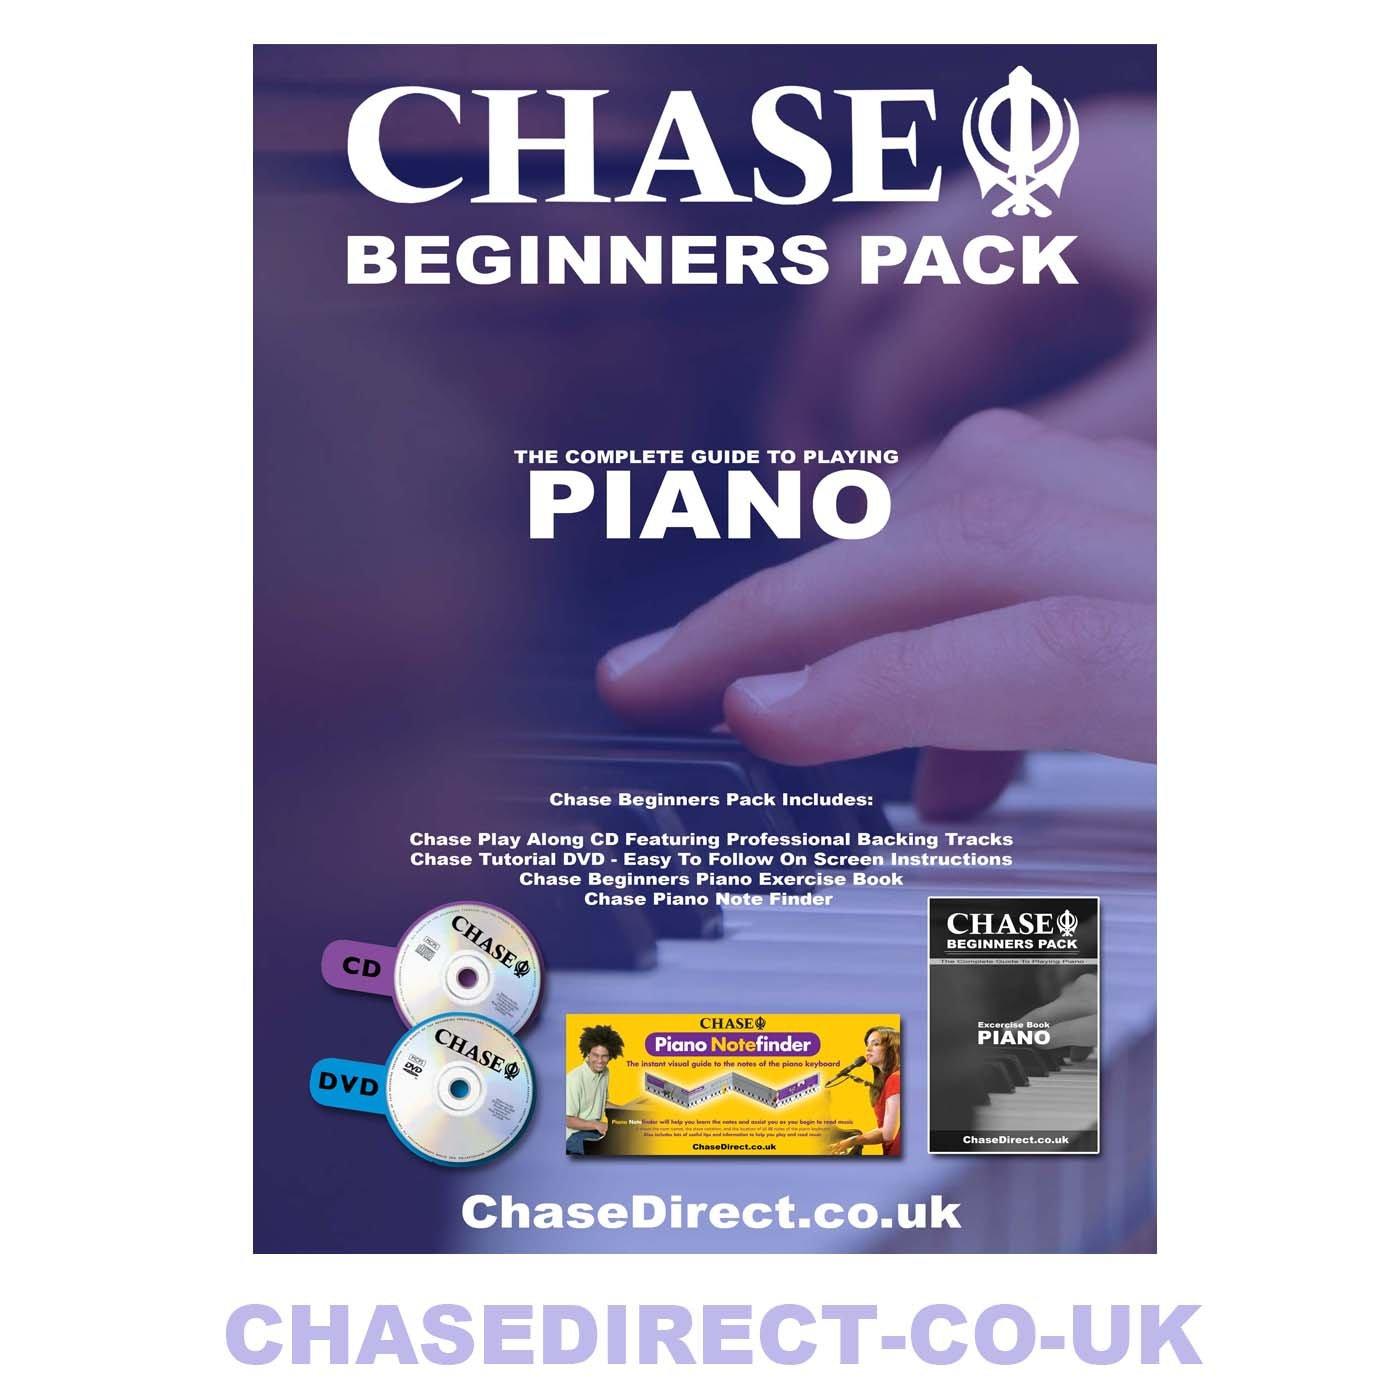 P55 Portable de Piano Digital en color blanco - L del paquete del - soporte a juego - 3 de la unidad de Pedal: Amazon.es: Instrumentos musicales